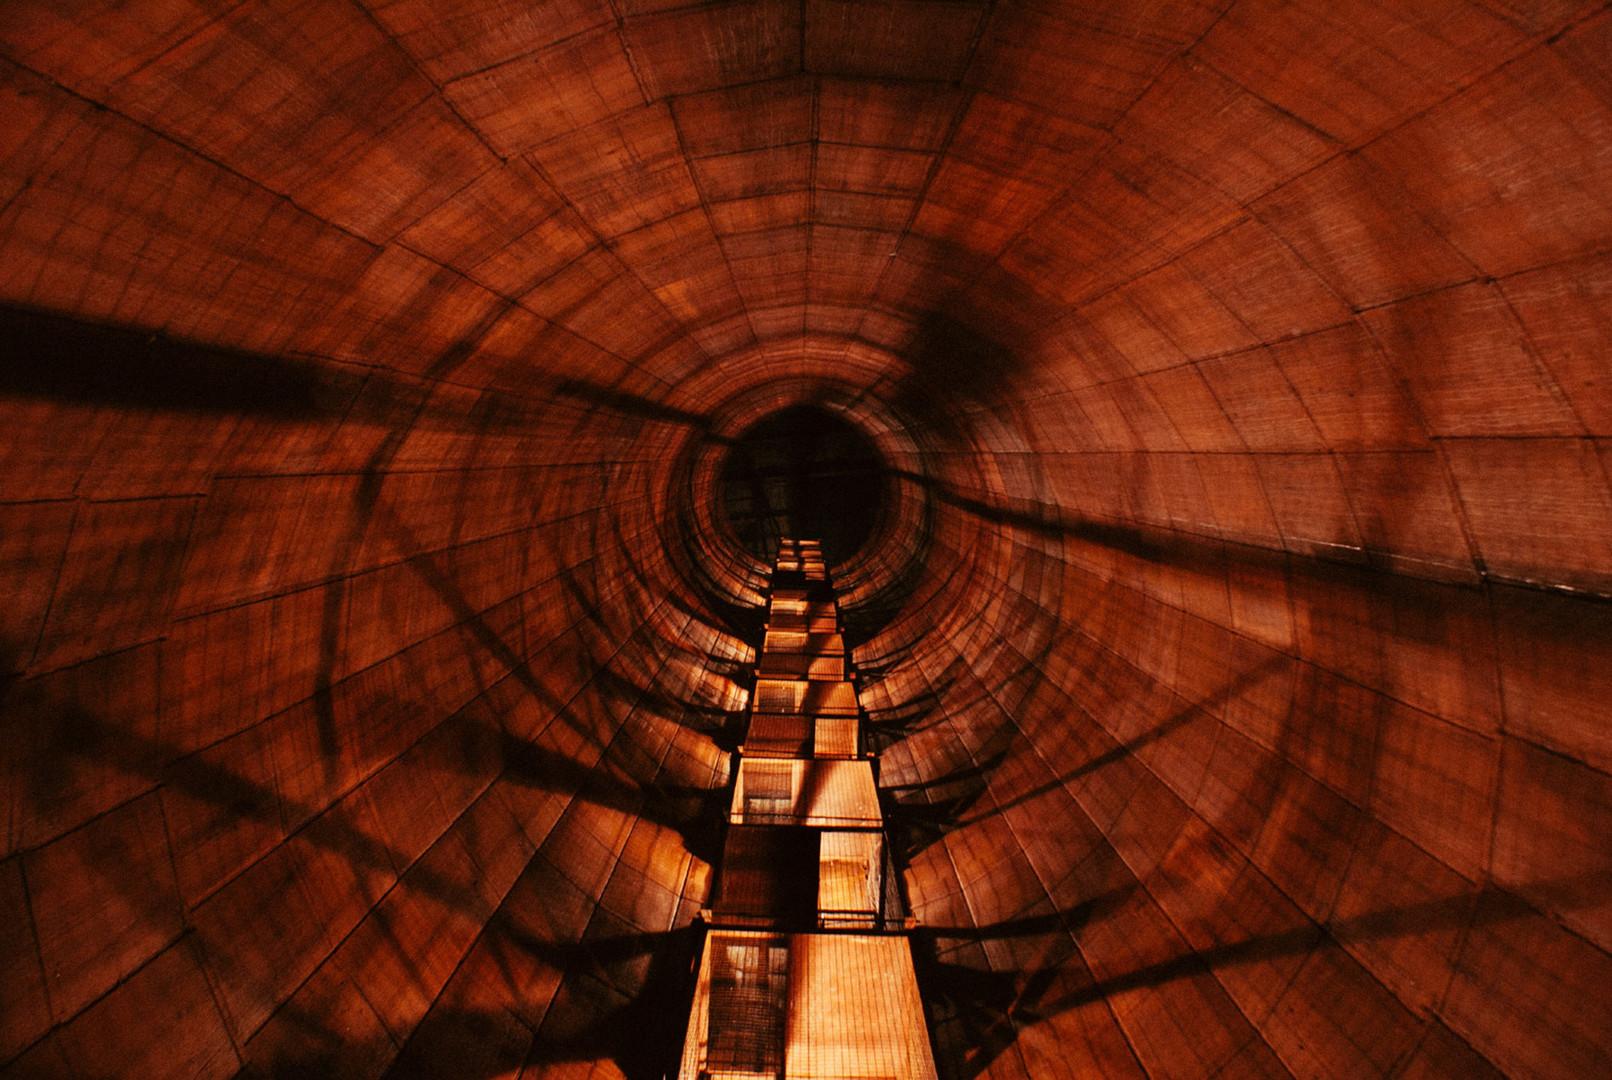 El colisionador de hadrones en el centro científico de Prótvino, región de Moscú